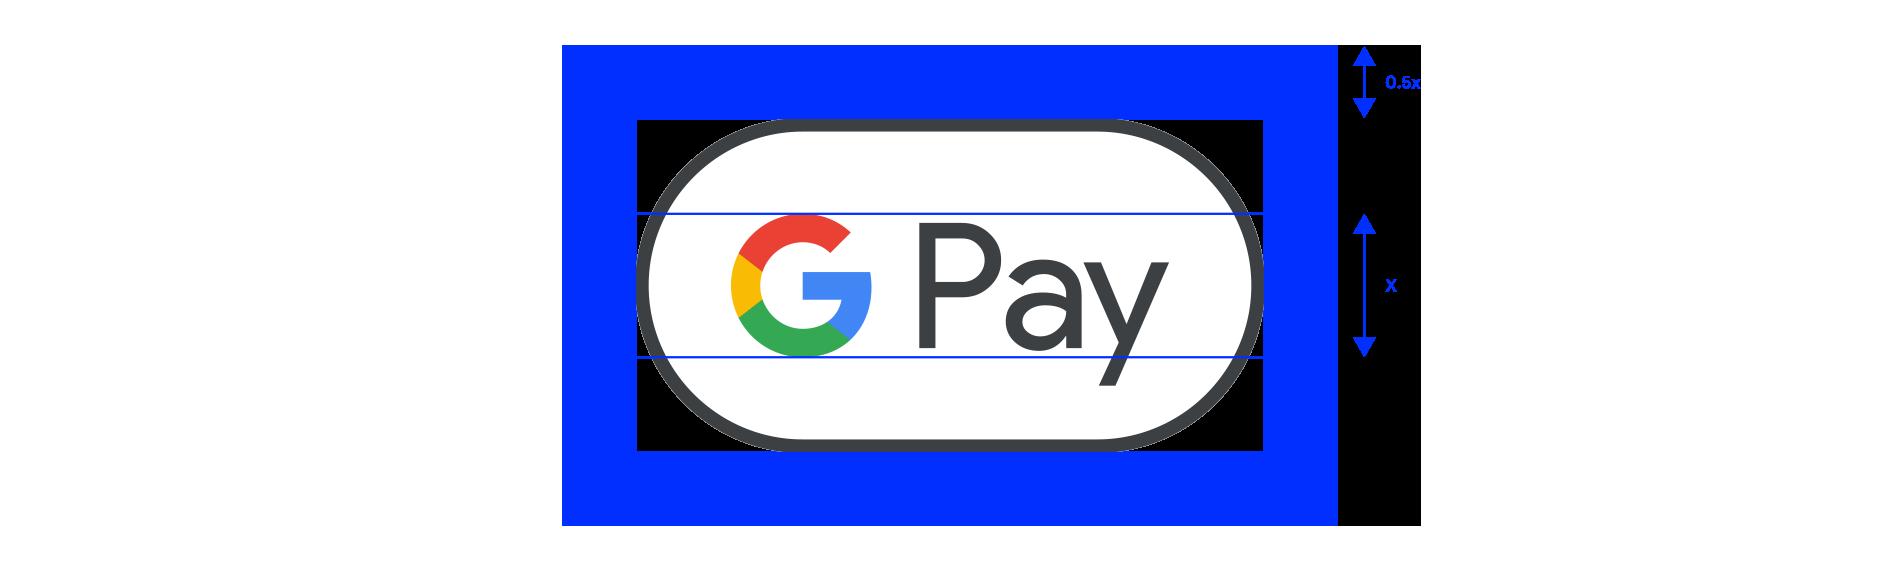 Google Pay マークのクリアスペースの例